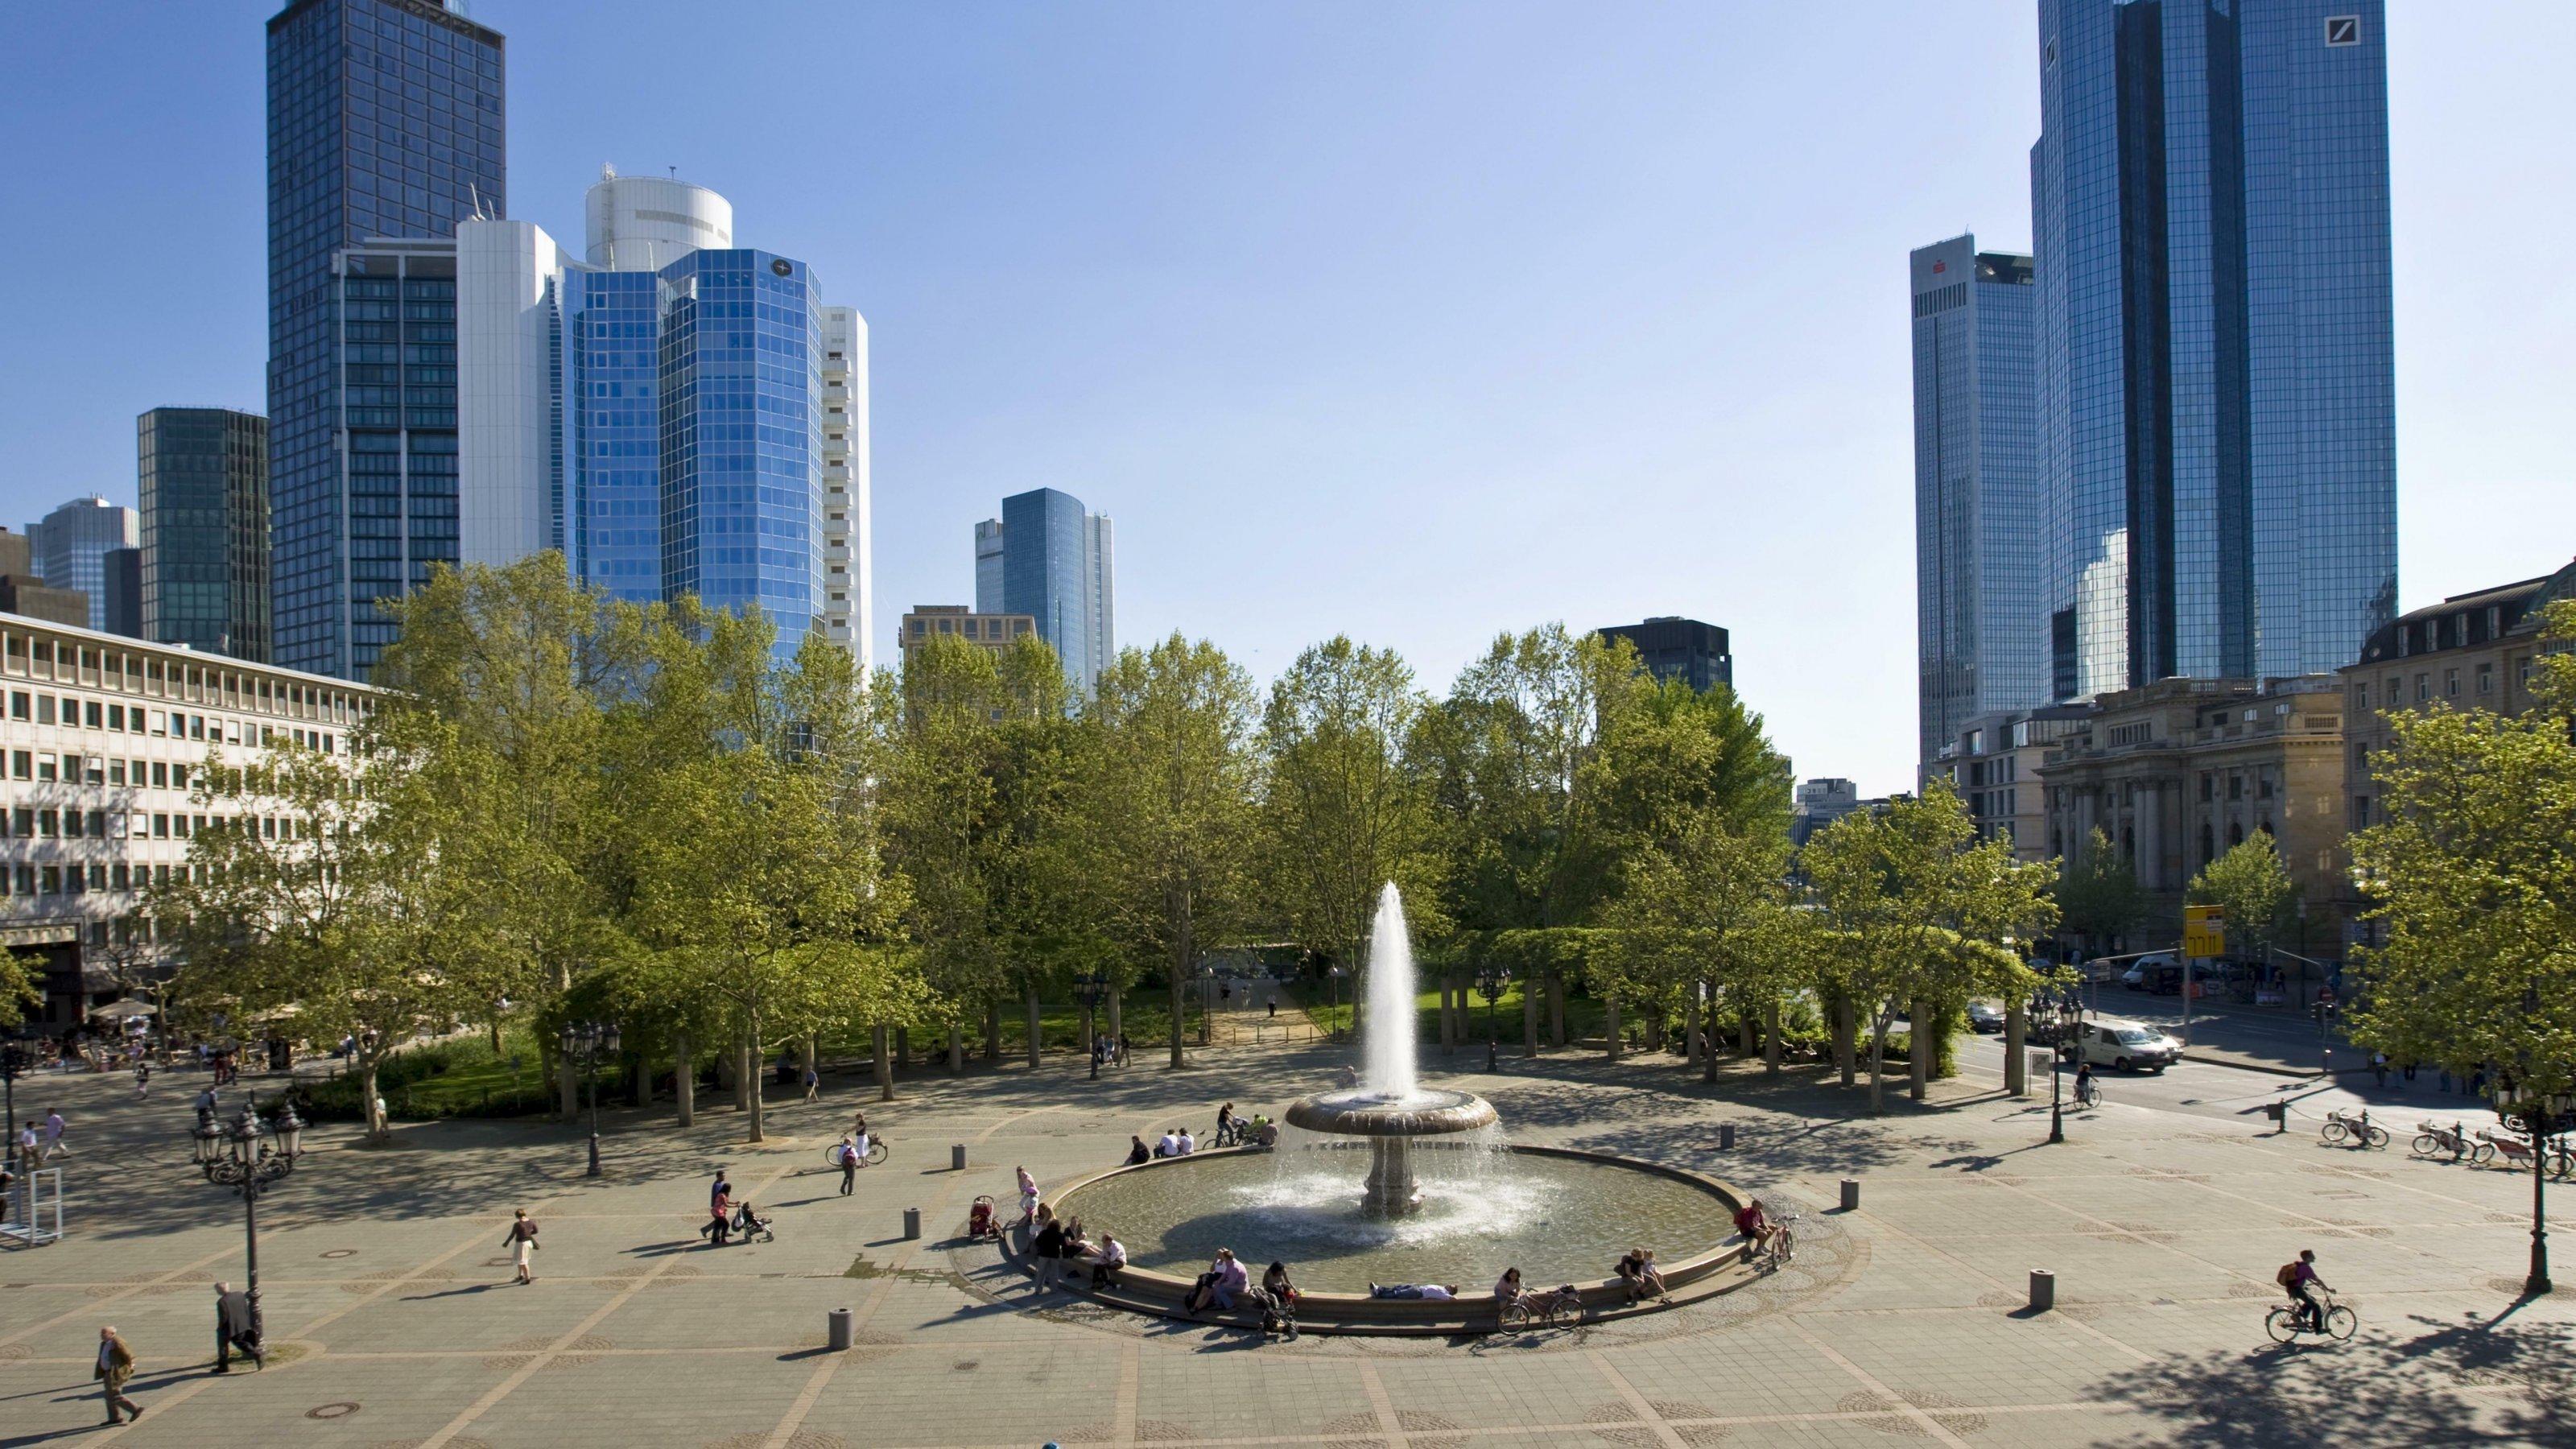 Opernplatz mit Brunnen, hinten Commerzbank und Deutsche Bank, Frankfurt, Hessen, Deutschland, Europa